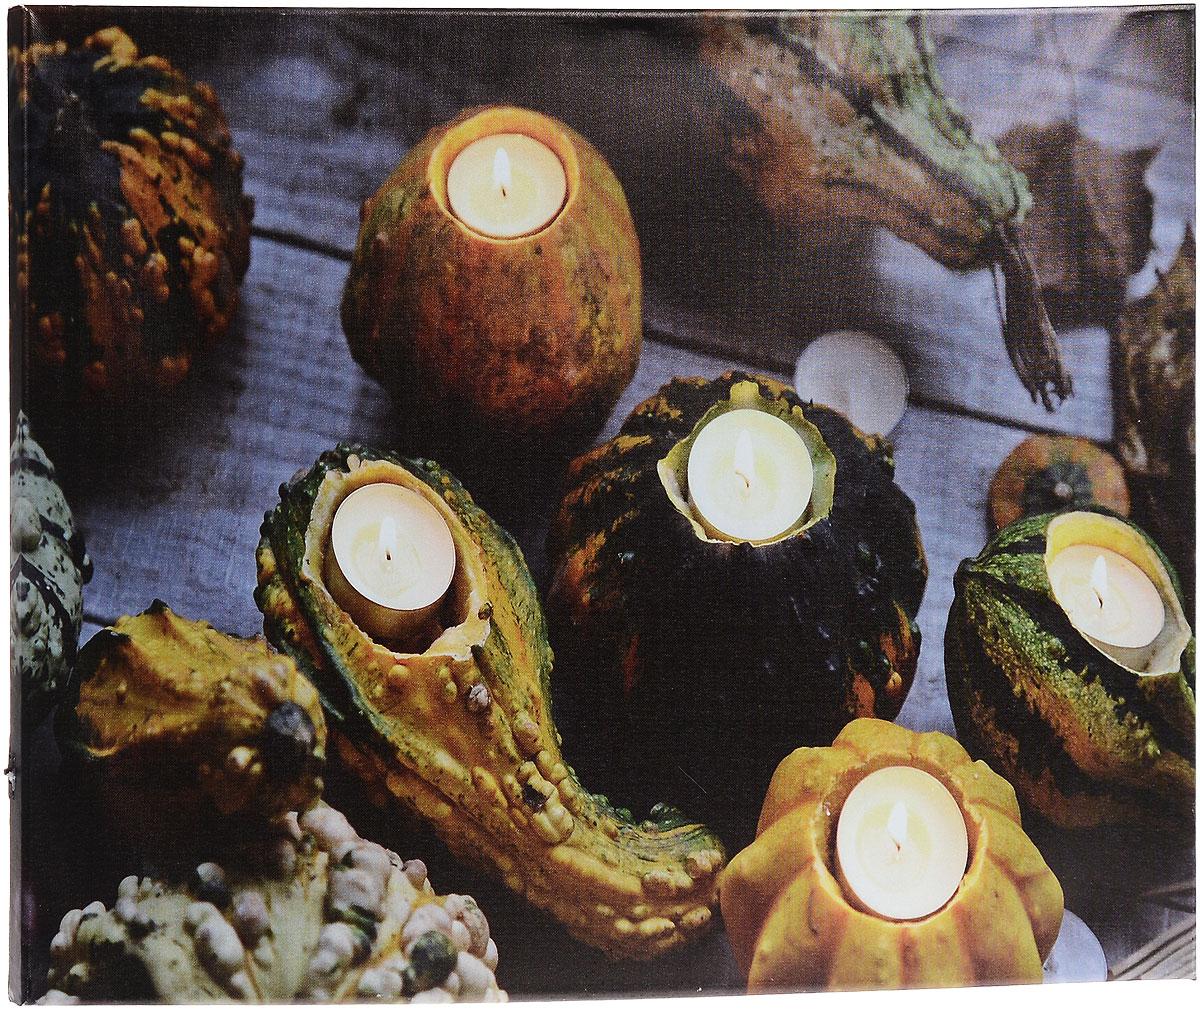 Картина MTH Свечи в тыкве, со светодиодами, 40 см х 60 смled4060-14Картина MTH Свечи в тыкве выполнена на основе из МДФ, обтянутой холстом.Изделие оснащено светодиодами. Их теплый мерцающий в темноте светоживит ваш дом и добавит ему уюта. На картине изображены свечи в подсвечниках из тыкв. Благодаря светодиодной подсветке создается ощущение, что теплый свет, исходящий от свечей, действительно может согревать. С оборотной стороны картина оснащена специальным отверстием для подвешивания на стену.Необычная картина придаст интерьеру невероятного шарма и оригинальности.Рисунок успокаивает нервную систему, помогая расслабиться и отвлечься отповседневных забот. Подсветка работает от 2 батареек типа АА напряжением 1,5V (в комплект не входят).